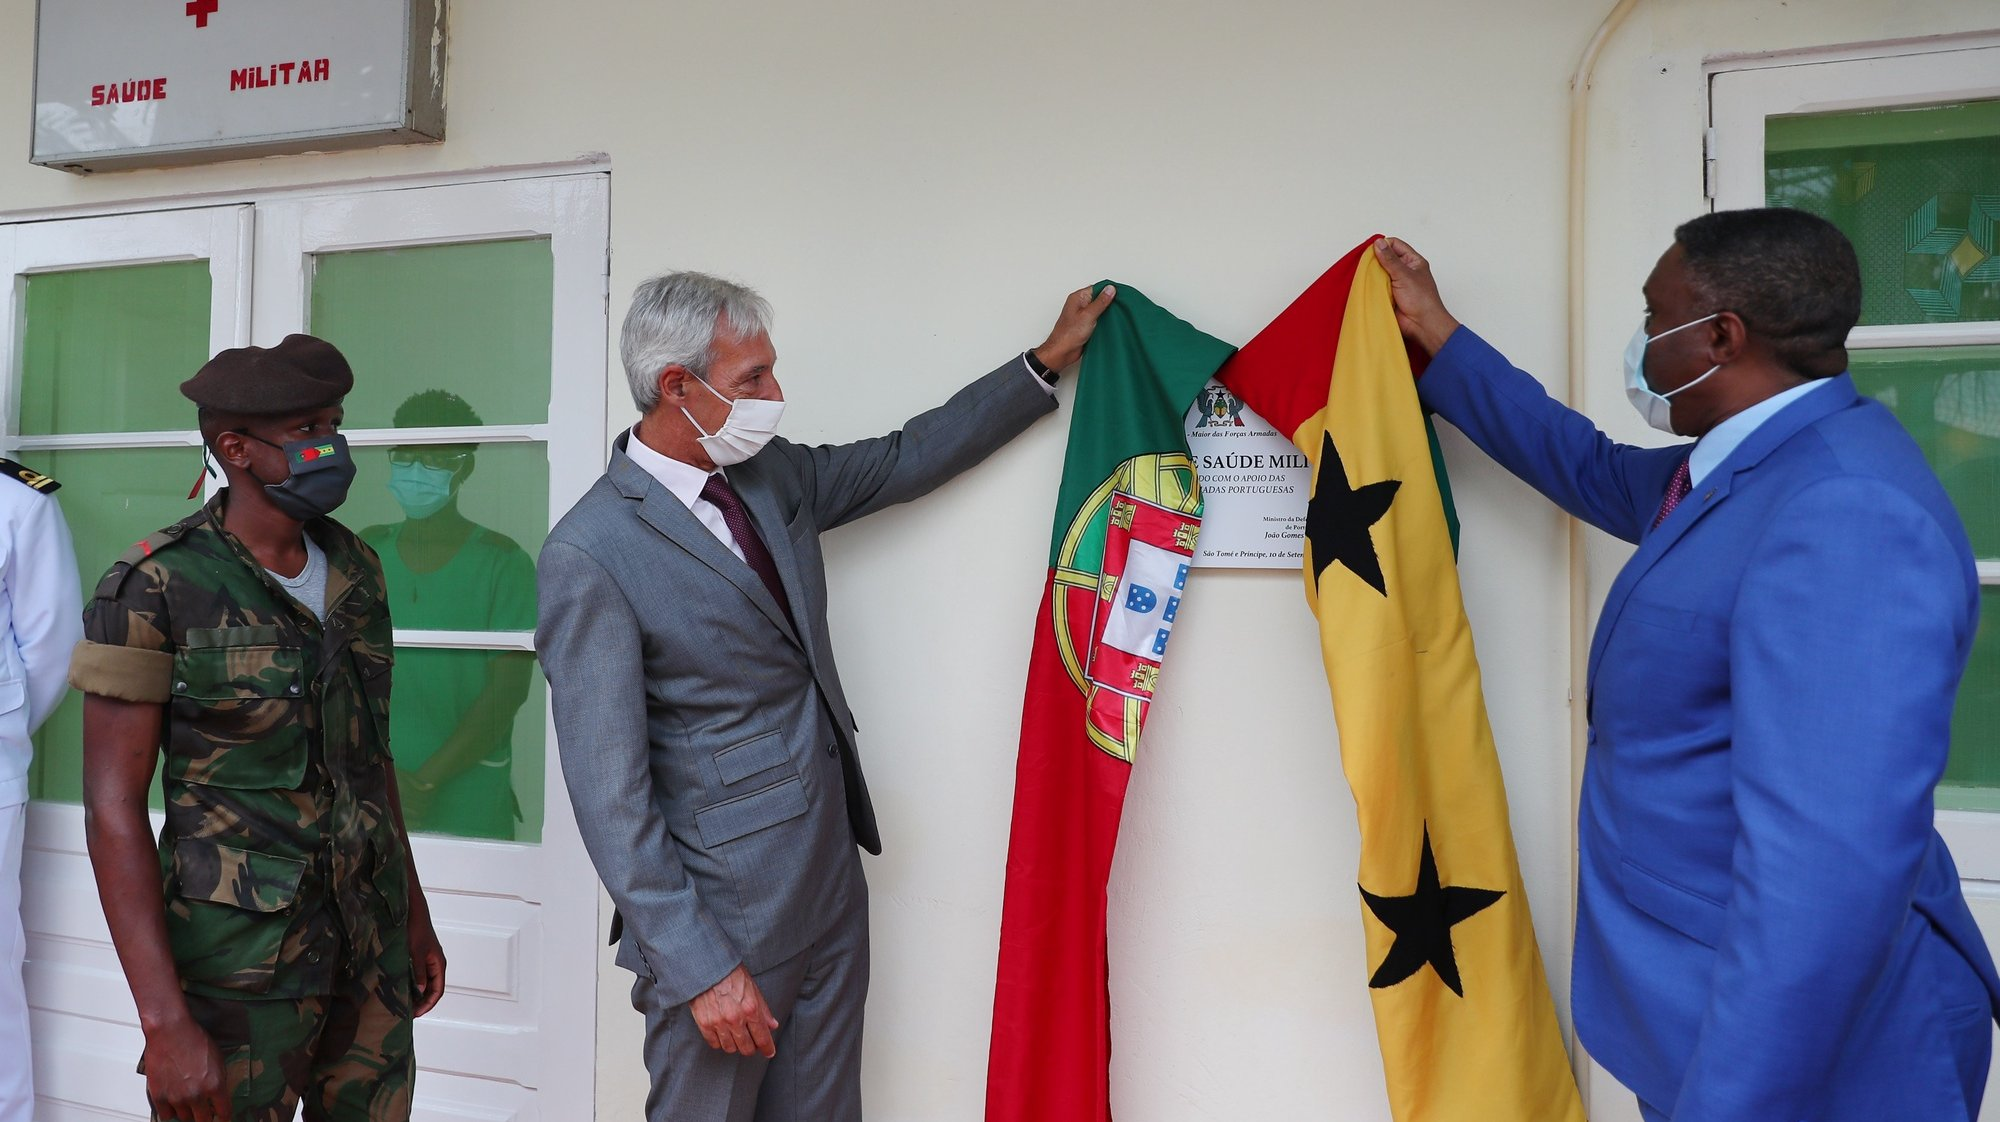 O ministro da Defesa Nacional, João Gomes Cravinho (E), e o primeiro-ministro de São Tomé e Príncipe, Jorge Bom Jesus (que assume interinamente as funções de ministro da Defesa e Ordem Interna), durante a  inauguração das obras do Centro de Saúde Militar das Forças Armadas de São Tomé e Príncipe, que contaram com o apoio das Forças Armadas Portuguesas, São Tomé, 10 de setembro de 2021. NUNO VEIGA/LUSA